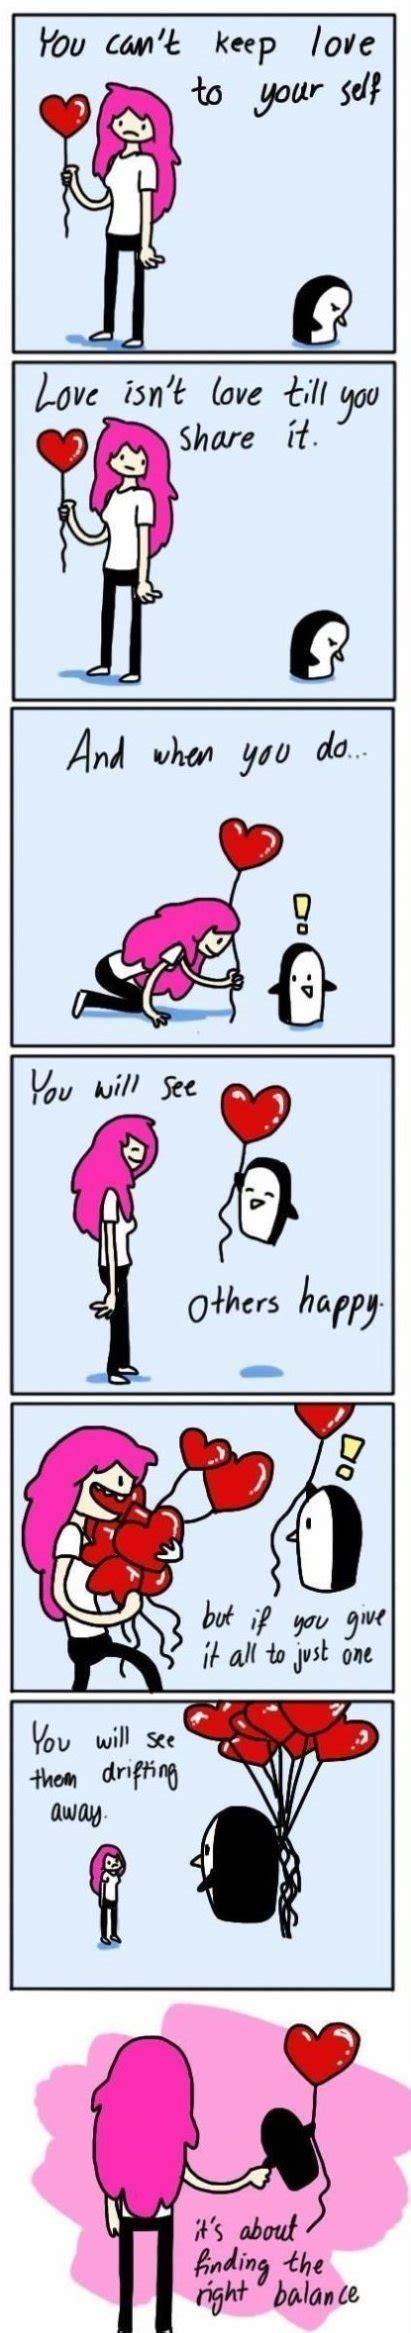 Funny Love Meme - funny